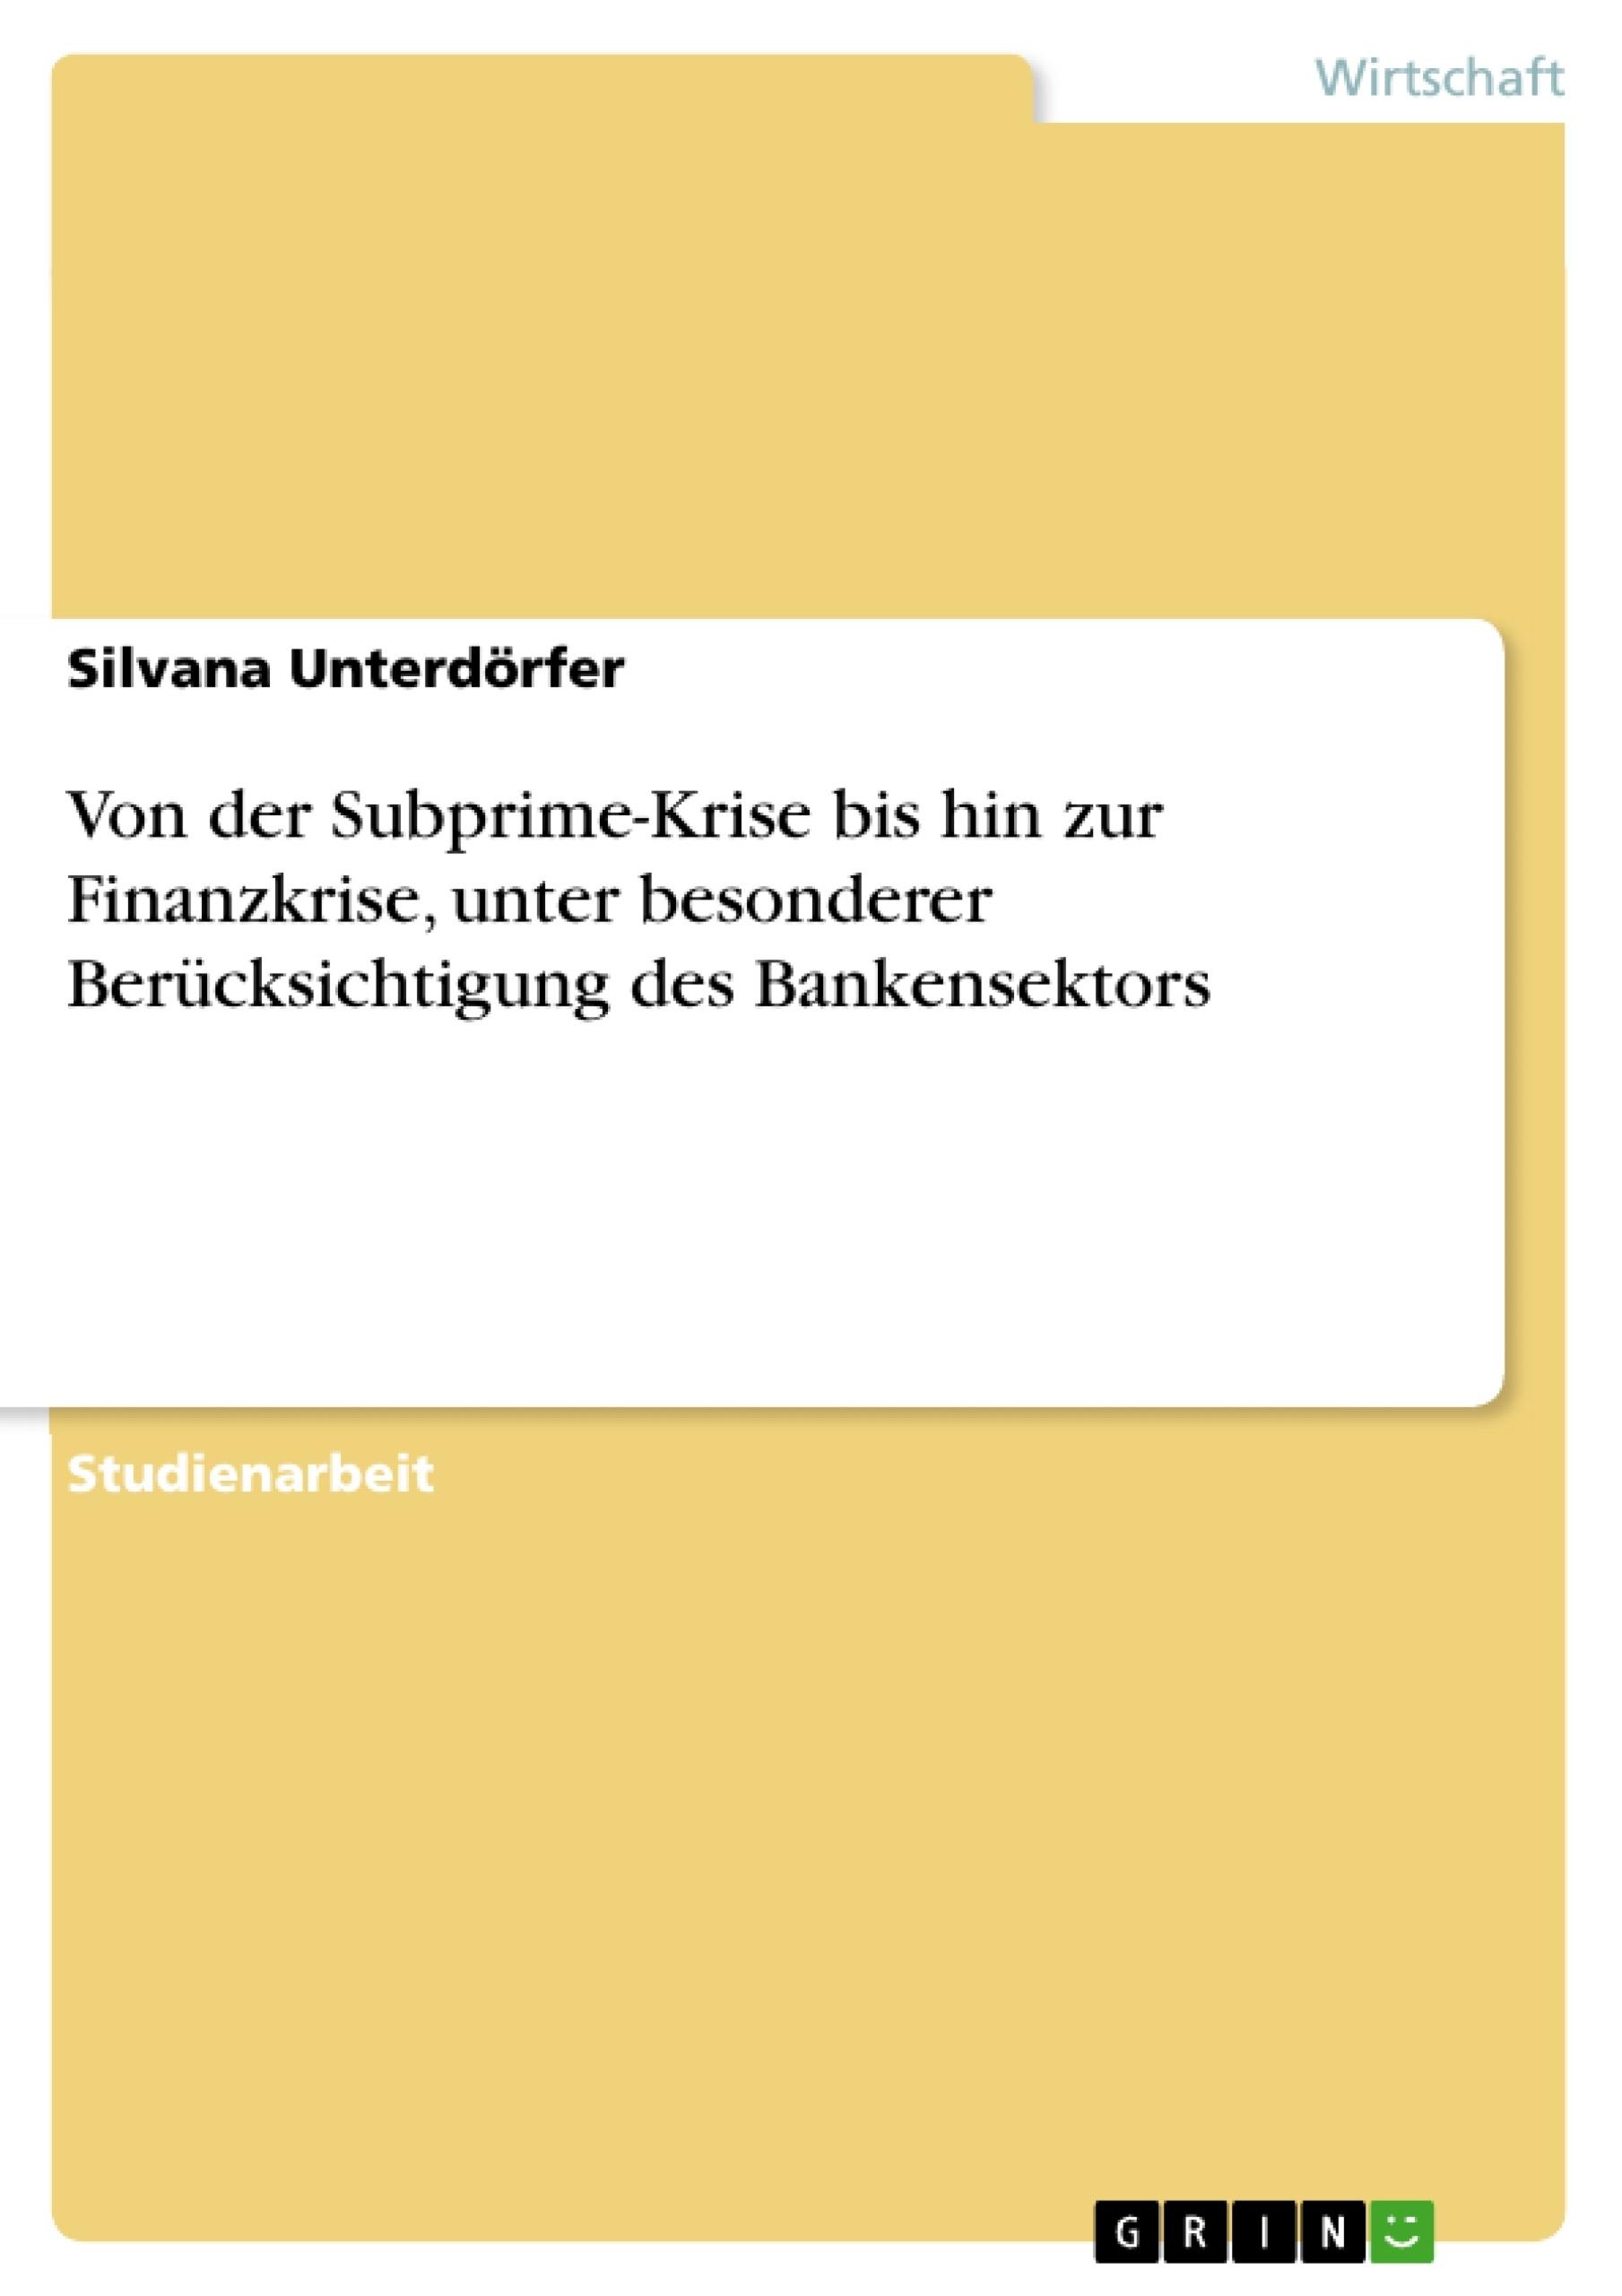 Titel: Von der Subprime-Krise bis hin zur Finanzkrise, unter besonderer Berücksichtigung des Bankensektors